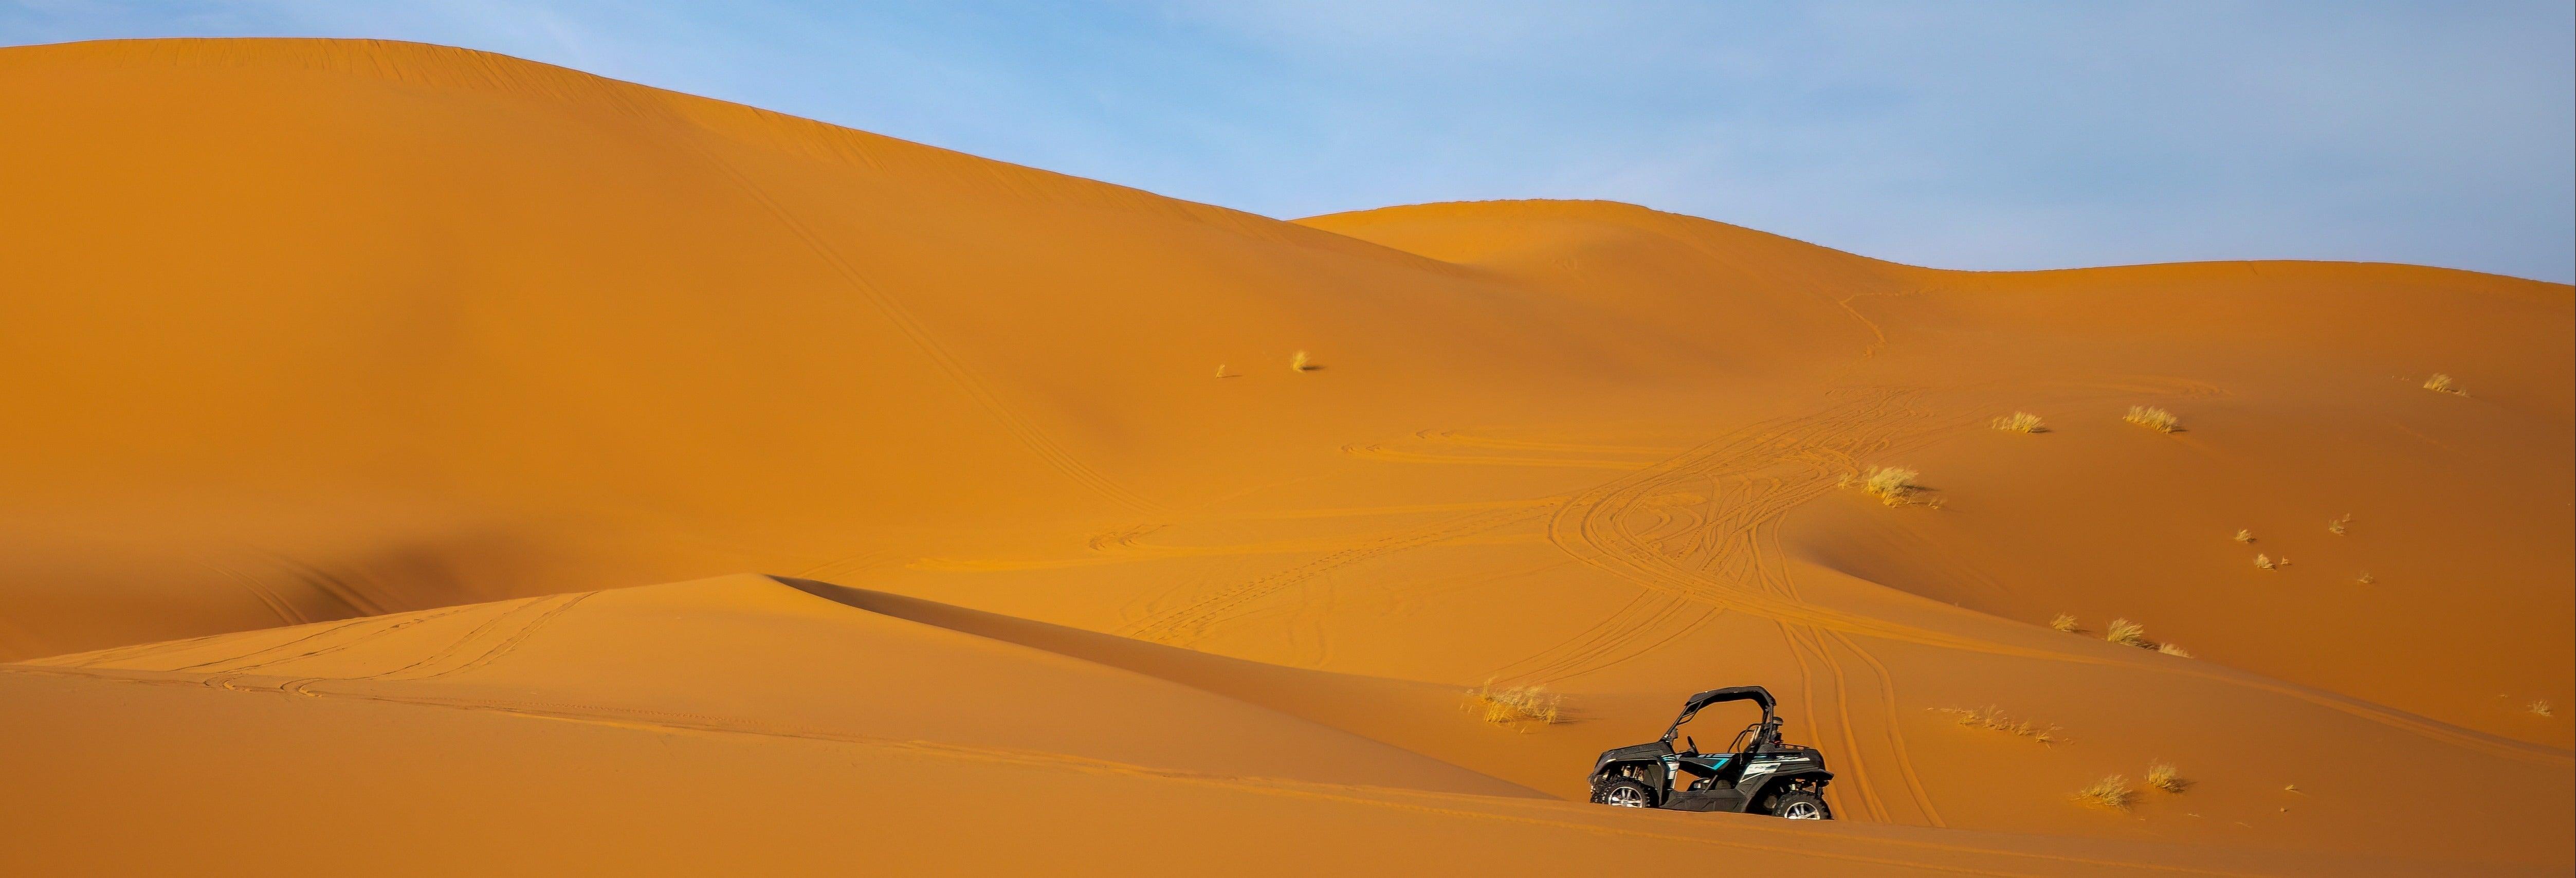 Tour en buggy por el desierto de Merzouga